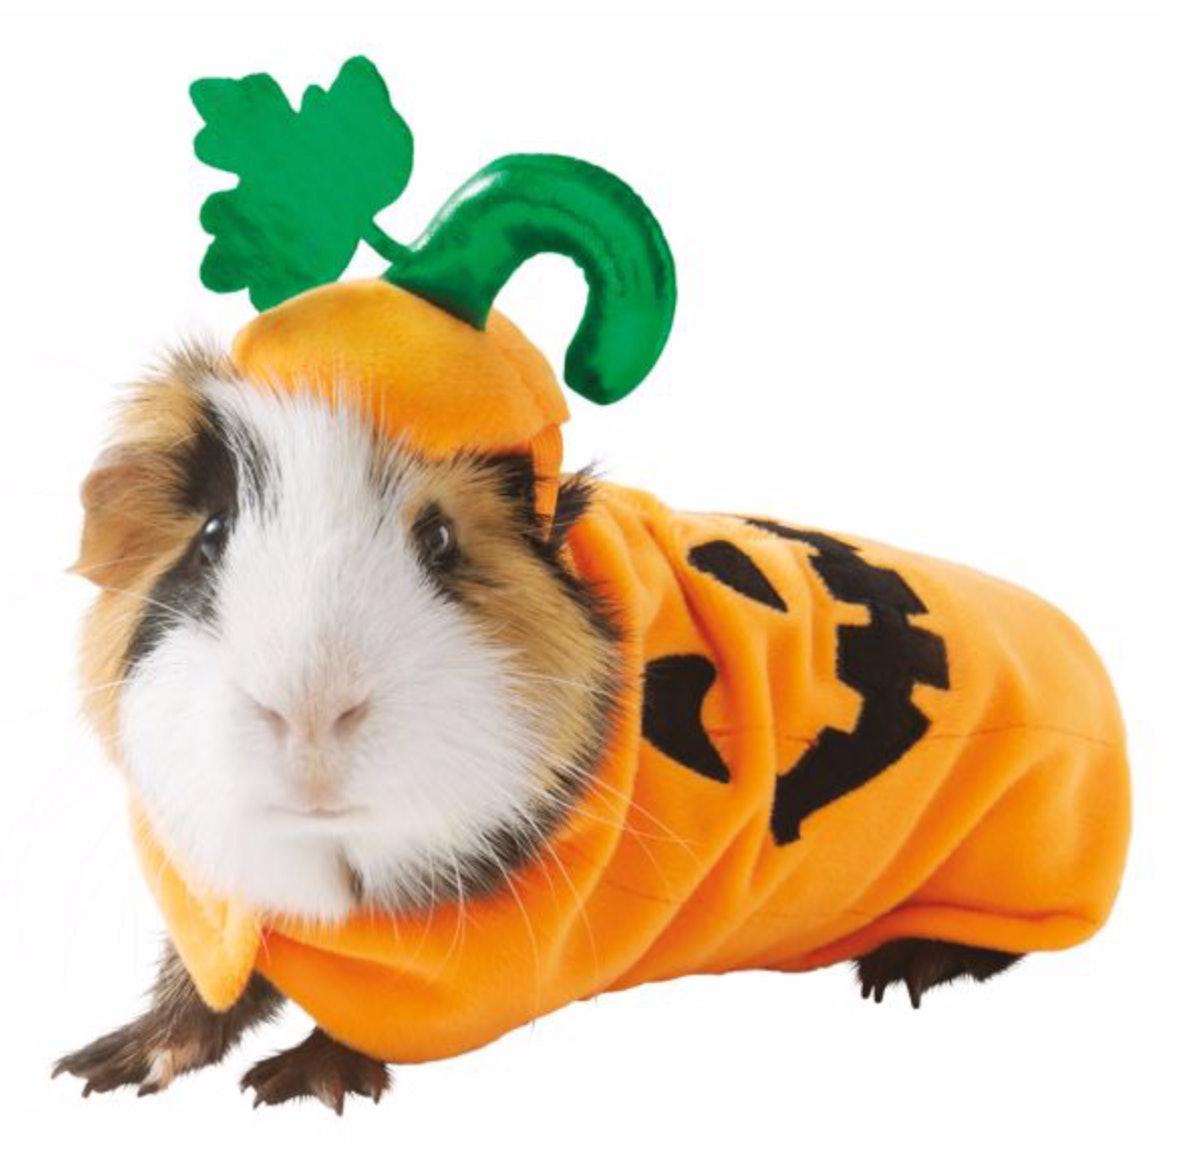 Thrills & Chills™ Pumpkin Small Pet Costume